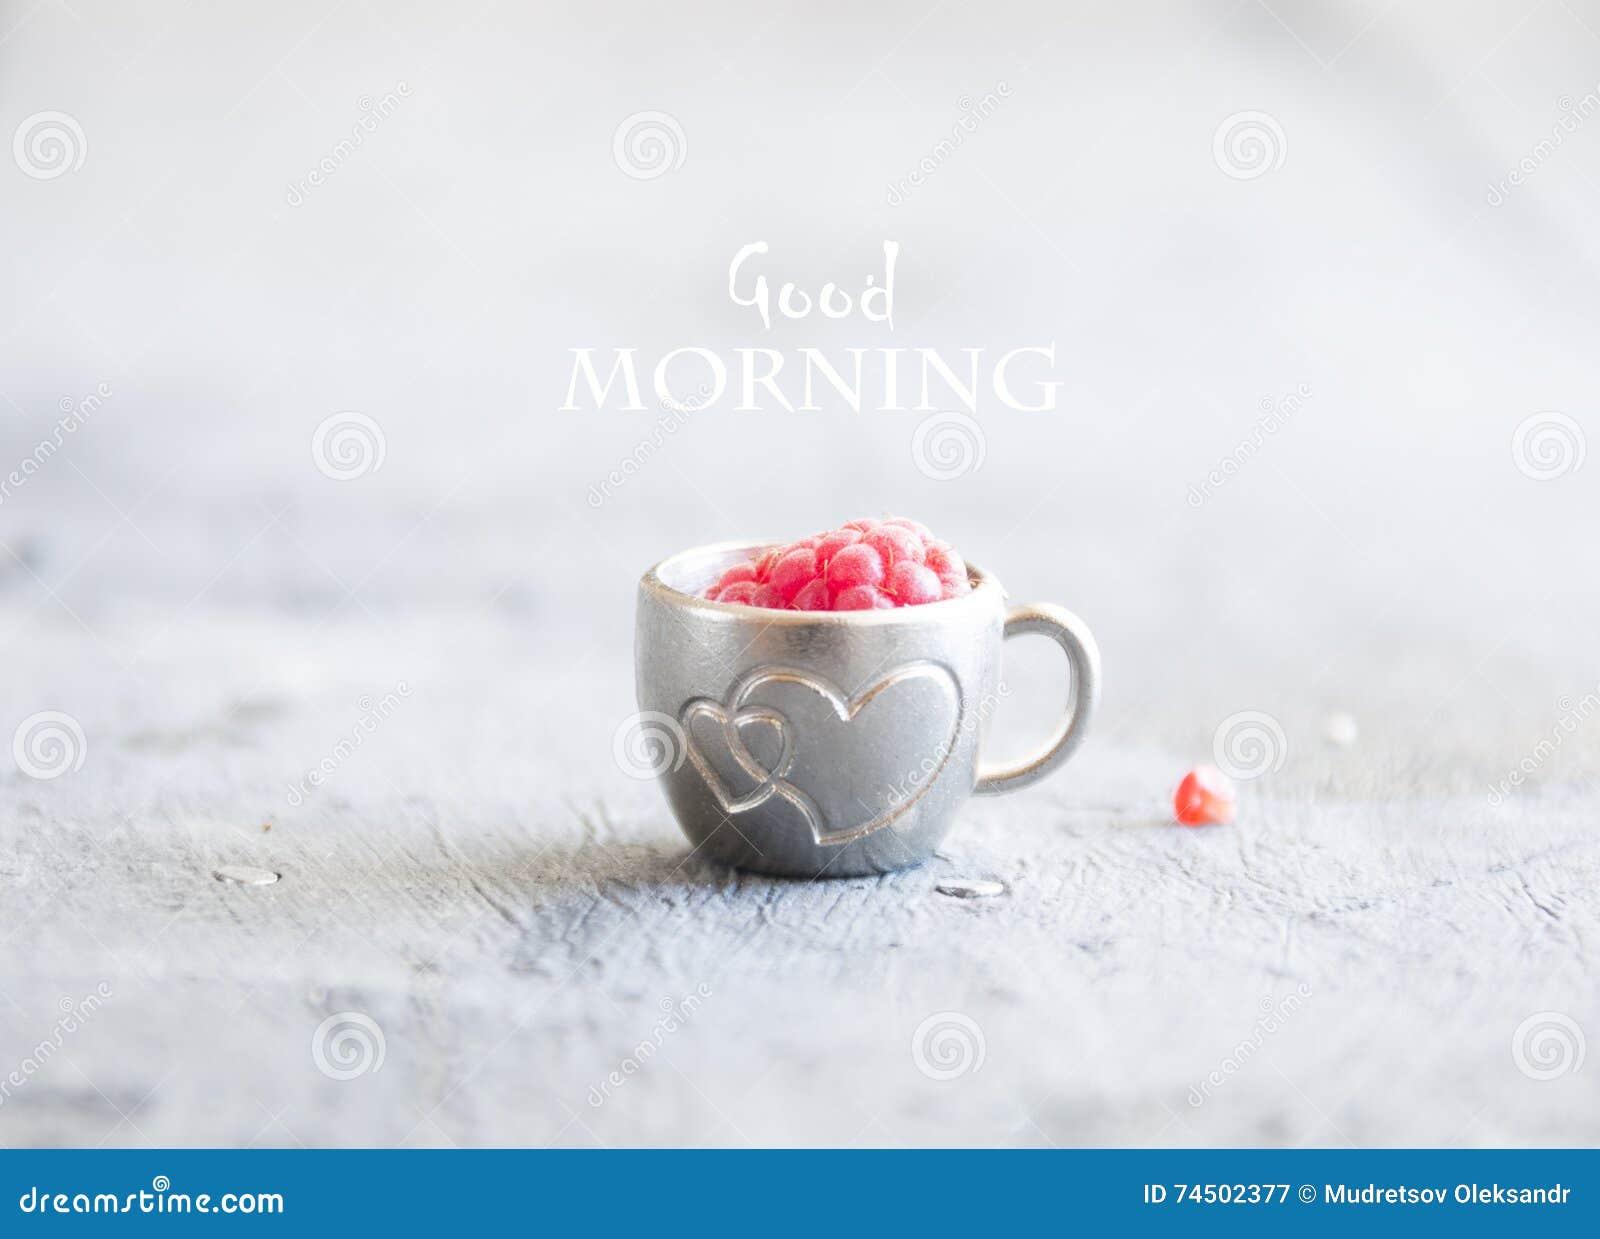 Kaffeetasse Mit Himbeeren Und Anmerkungen Guter Morgen